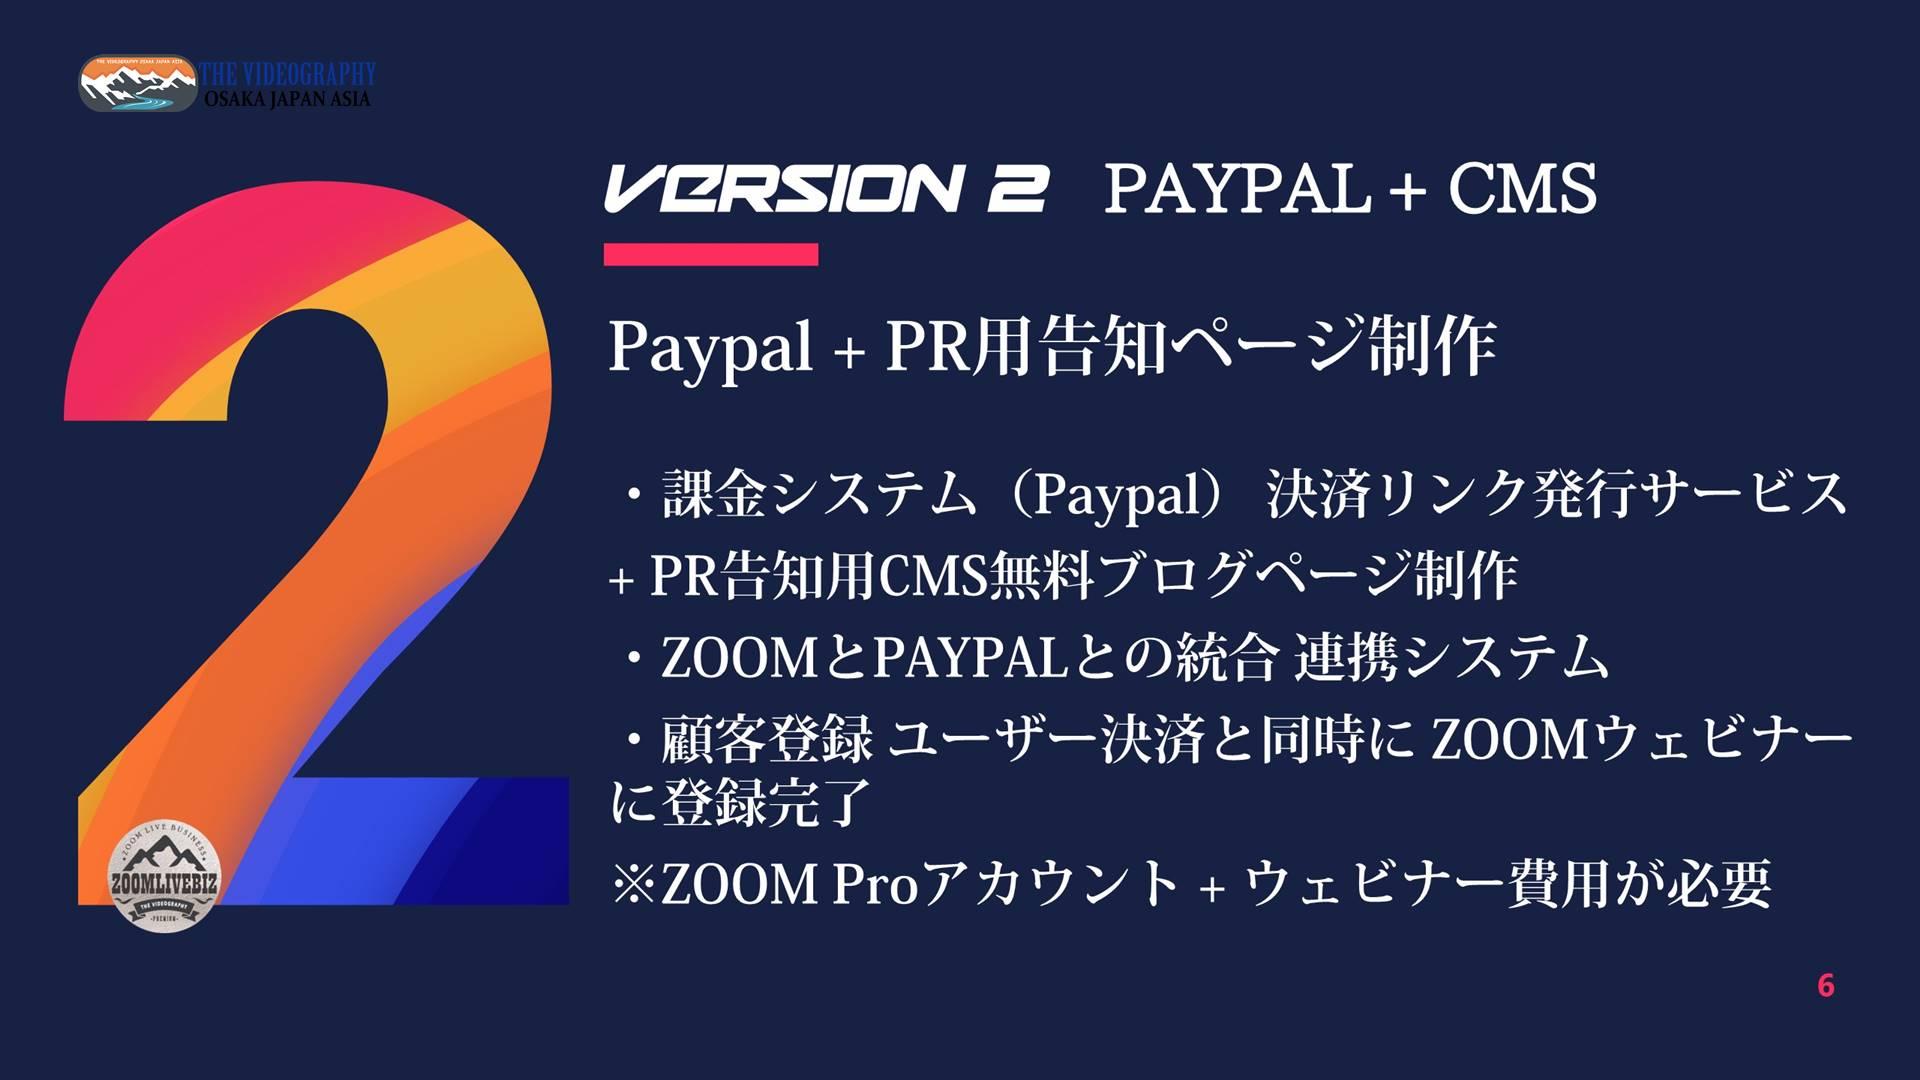 ZOOM PAYPA Plus. 課金システム(Paypal統合) 決済リンク発行サービス + PR告知用CMS無料ブログページ制作。 ZOOMとPAYPALとの統合 連携システム。顧客登録 ユーザー決済と同時に ZOOMウェビナーに登録完了。 ※ZOOM Proアカウント + ウェビナー費用が必要